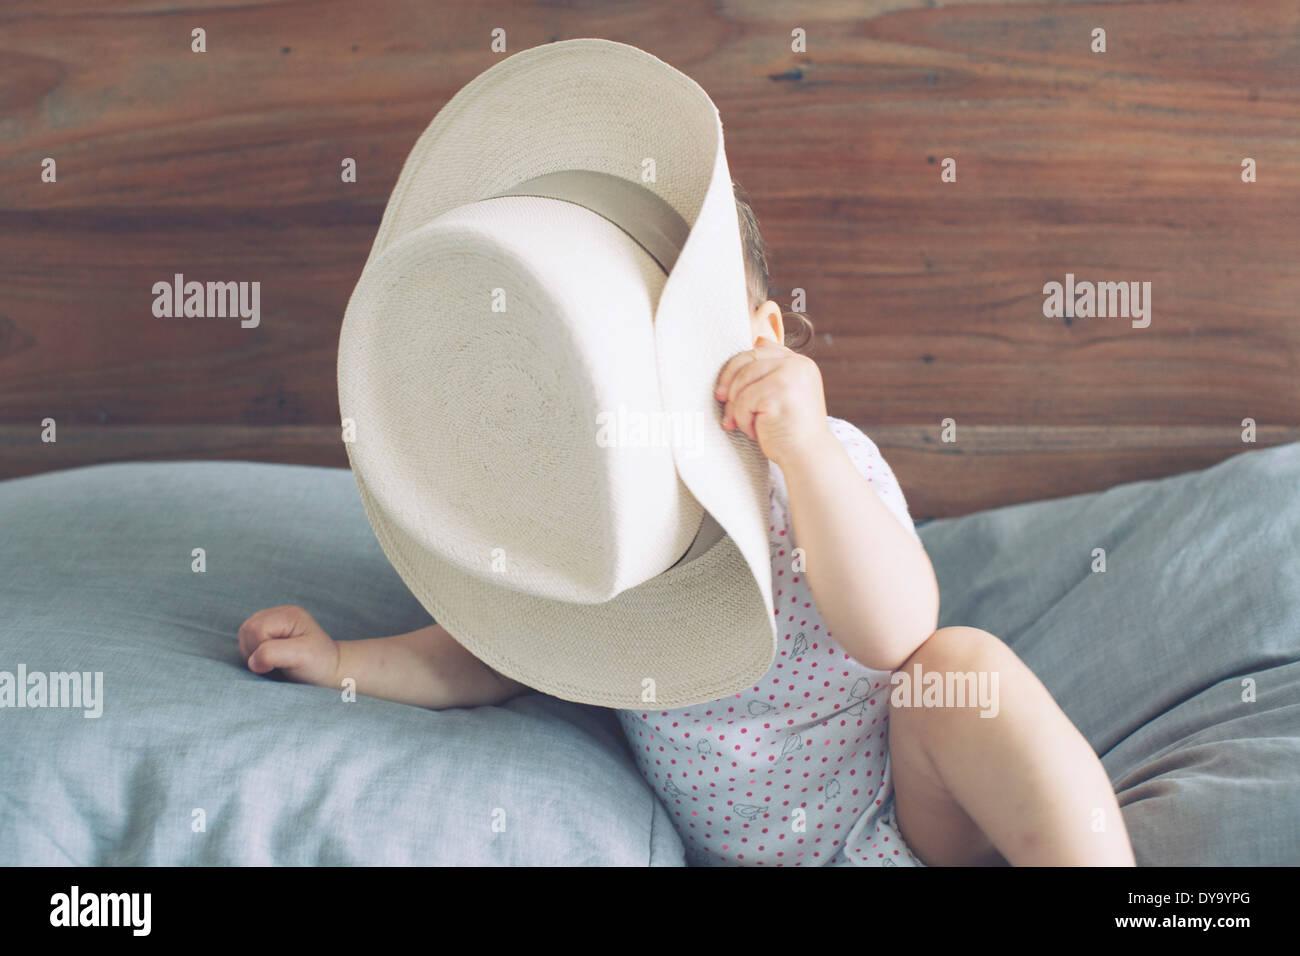 Il bambino con la faccia oscurata da oversized hat Immagini Stock